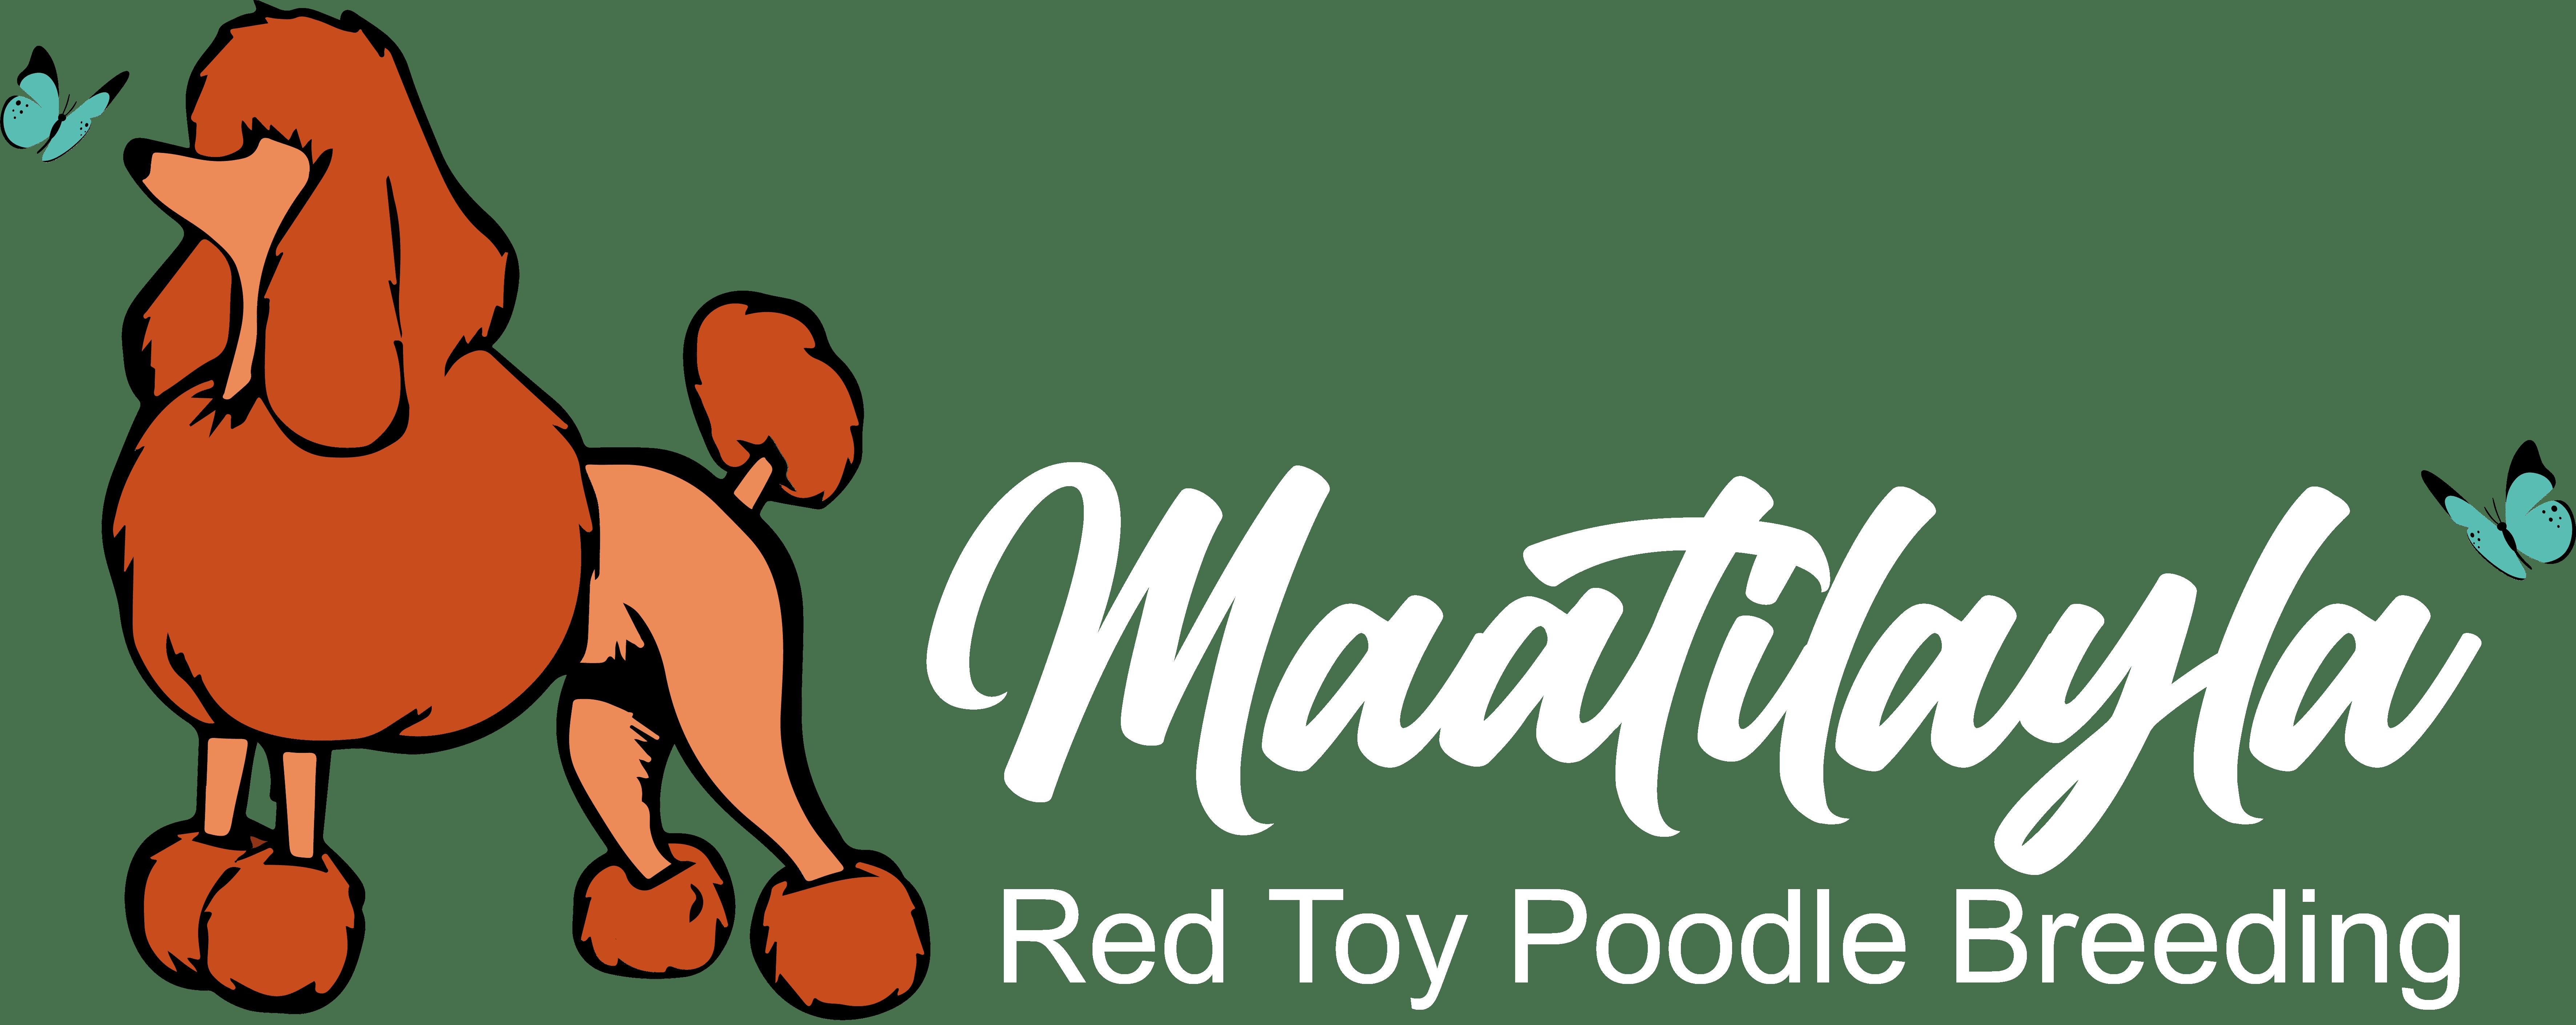 logo dell'allevamento Maatilayla